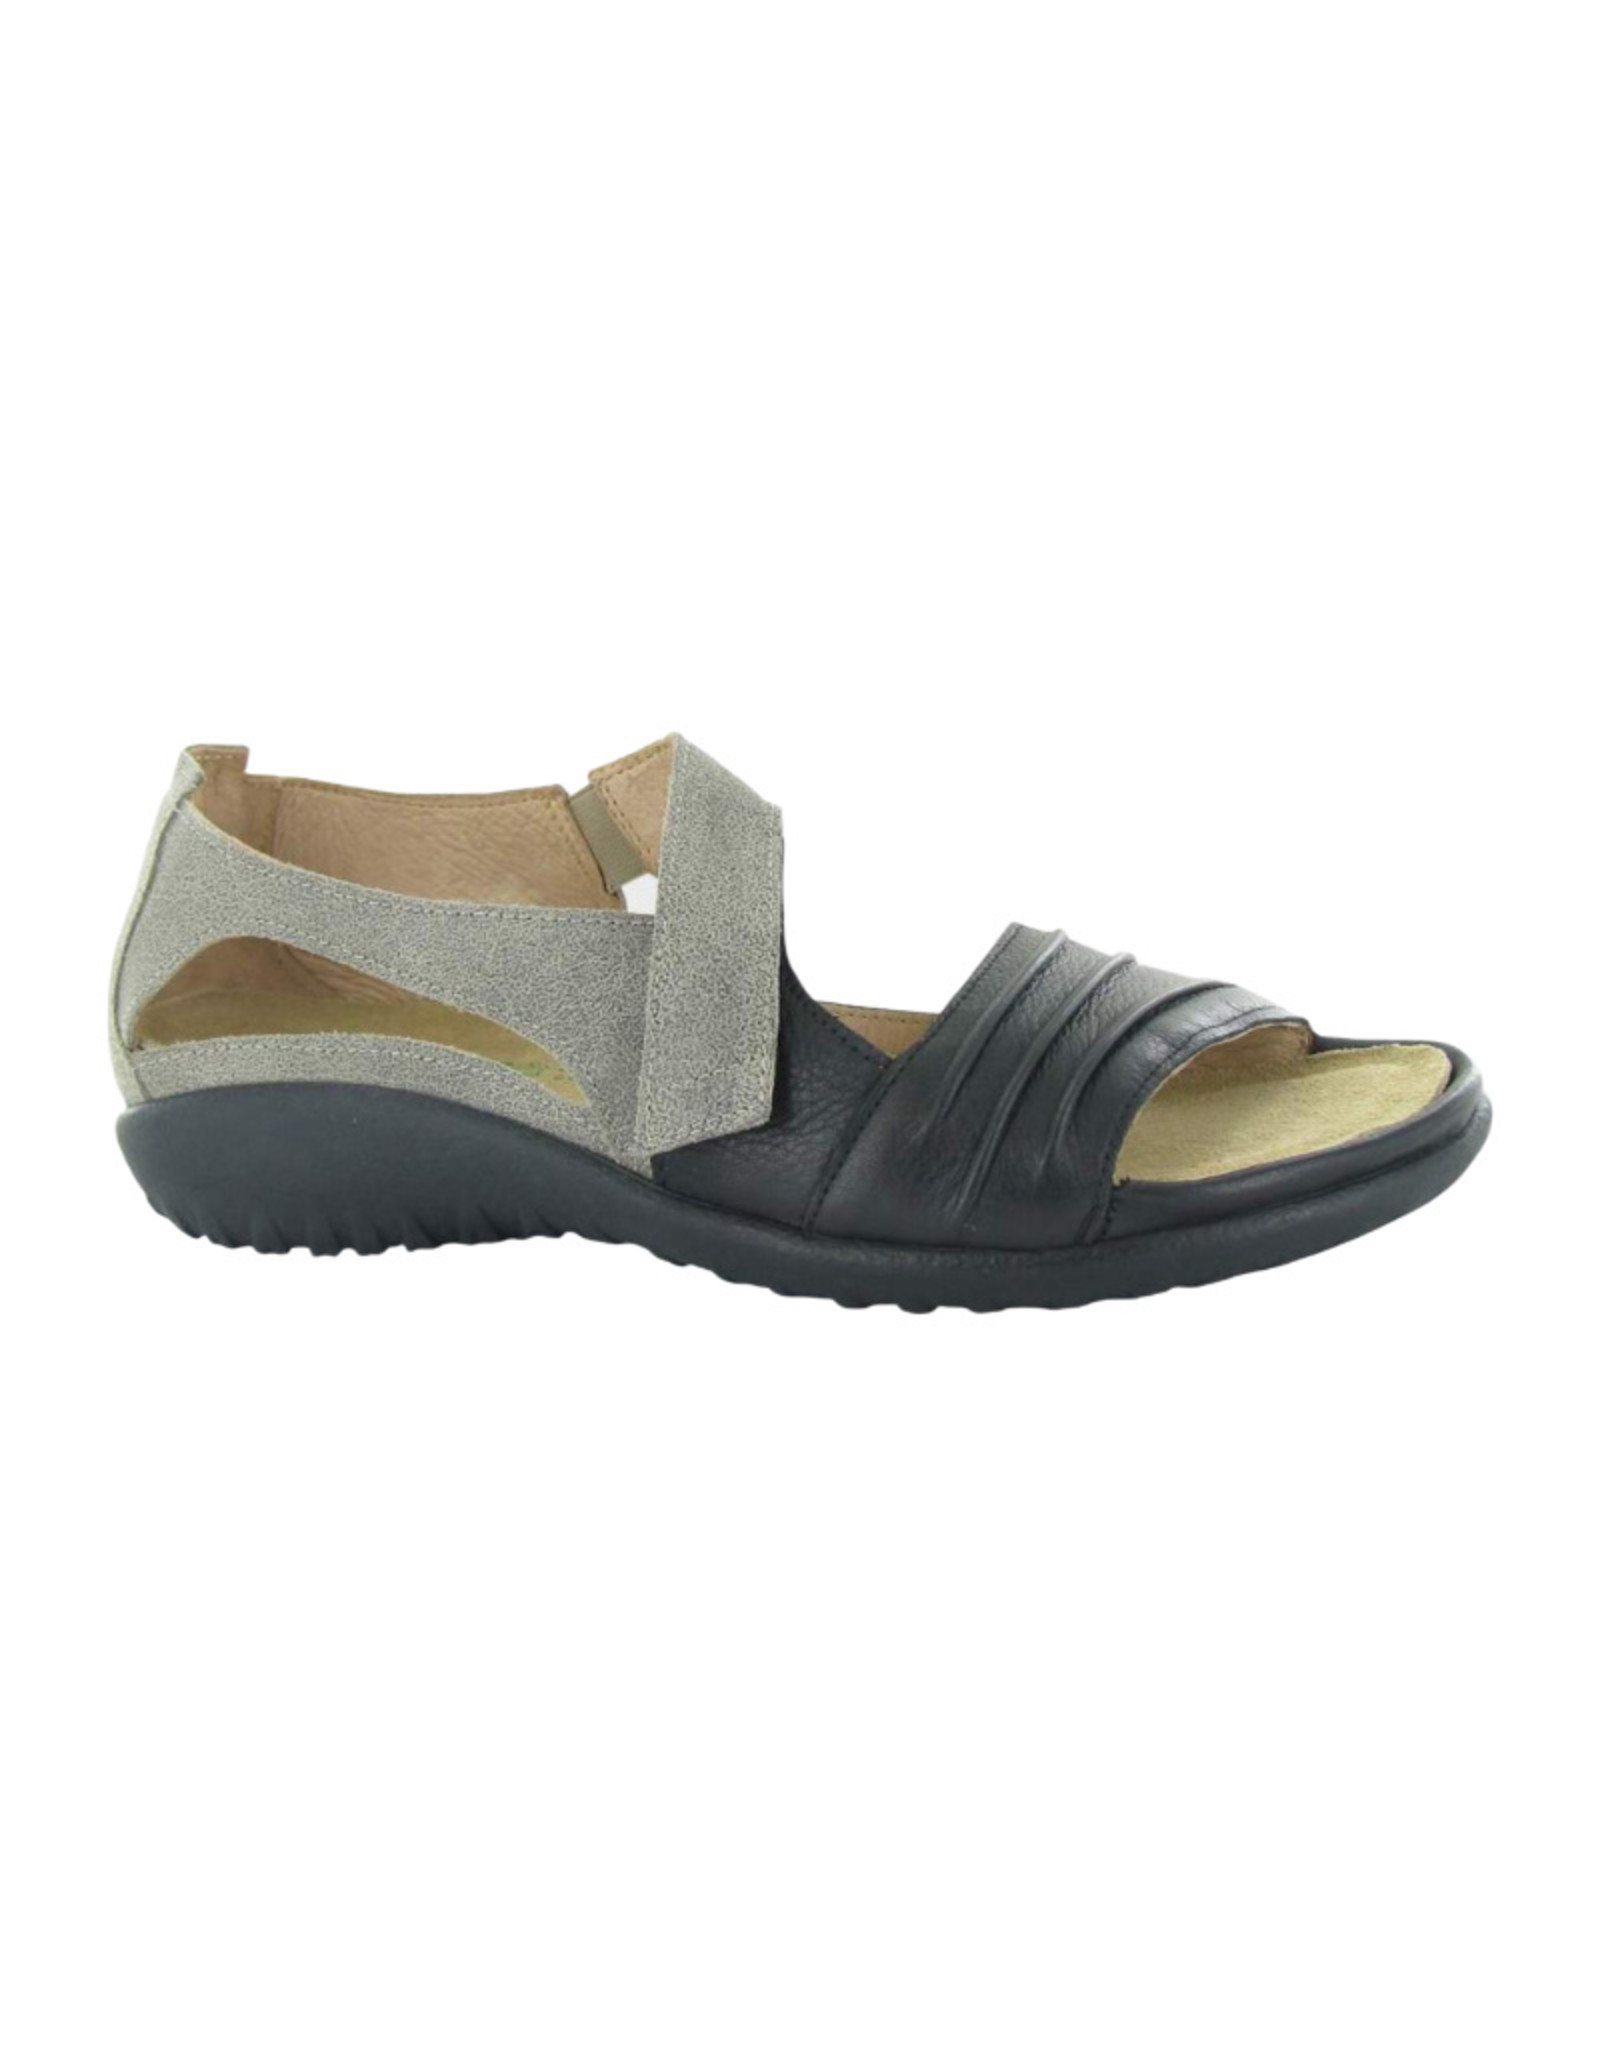 Naot Footwear Naot Papaki Leather Sandal